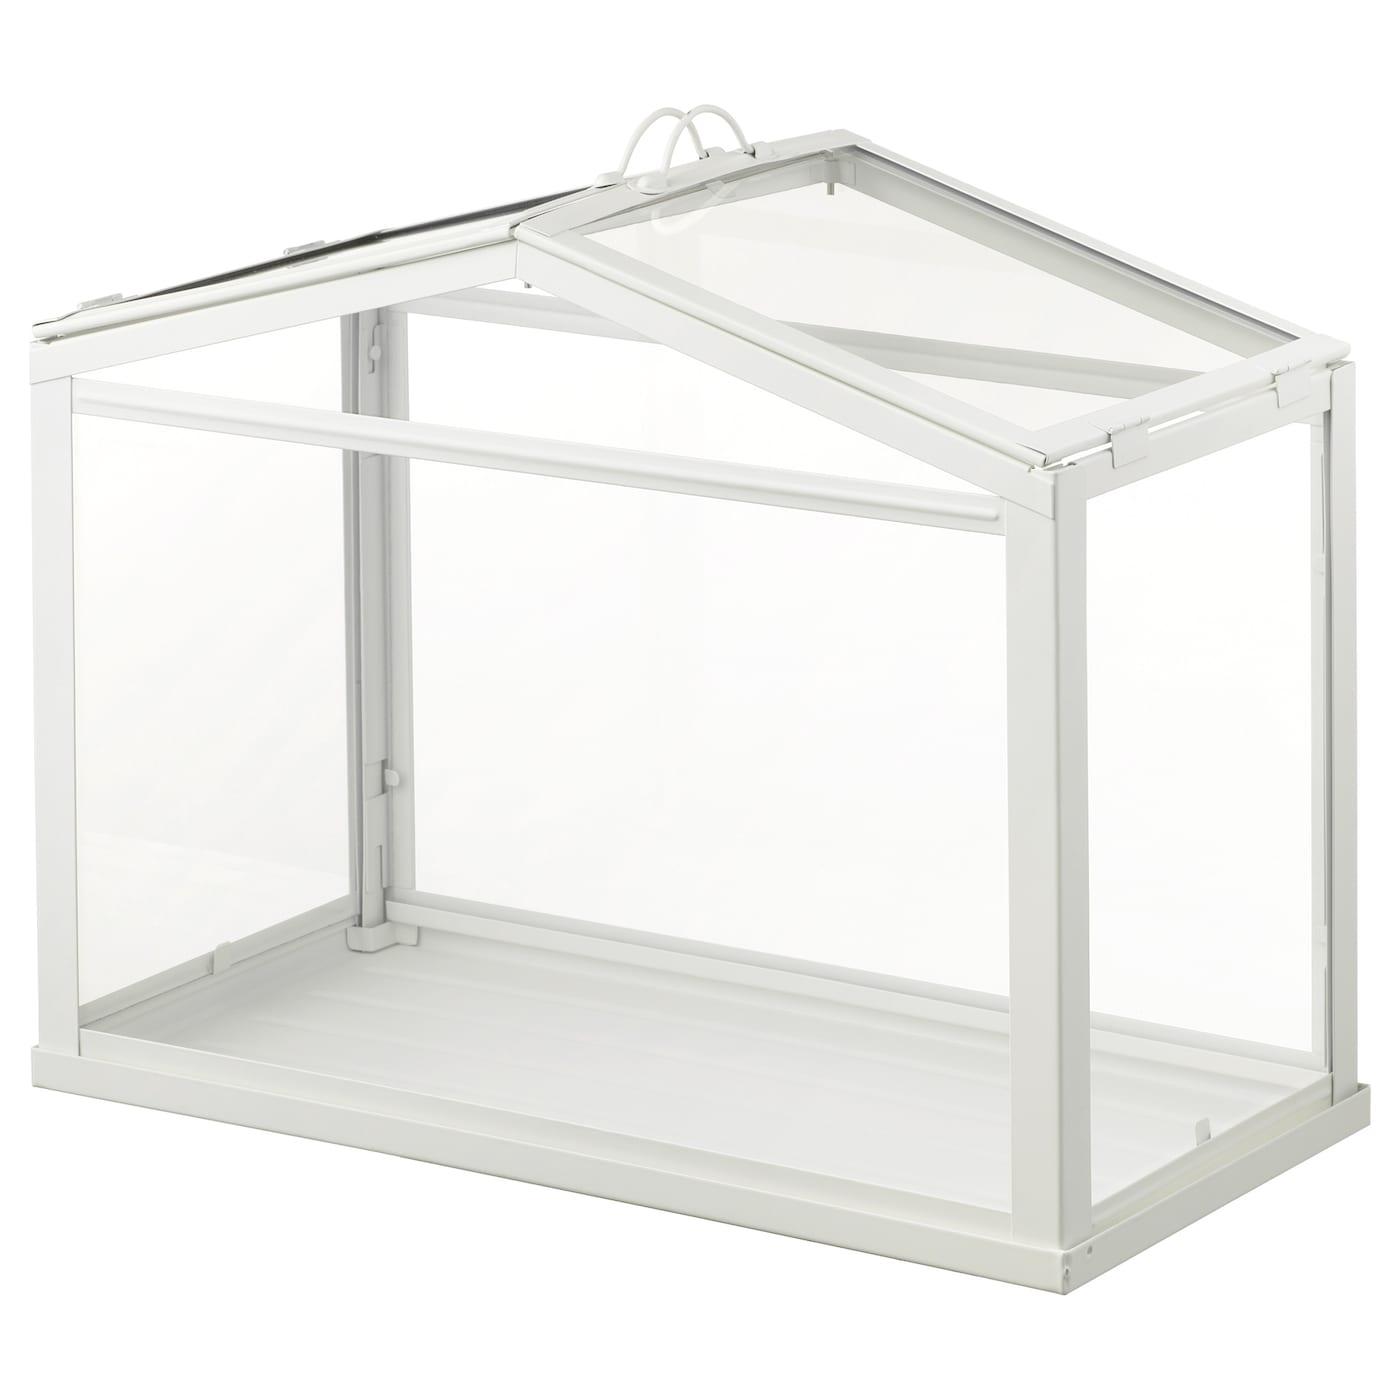 SOCKER Greenhouse - white